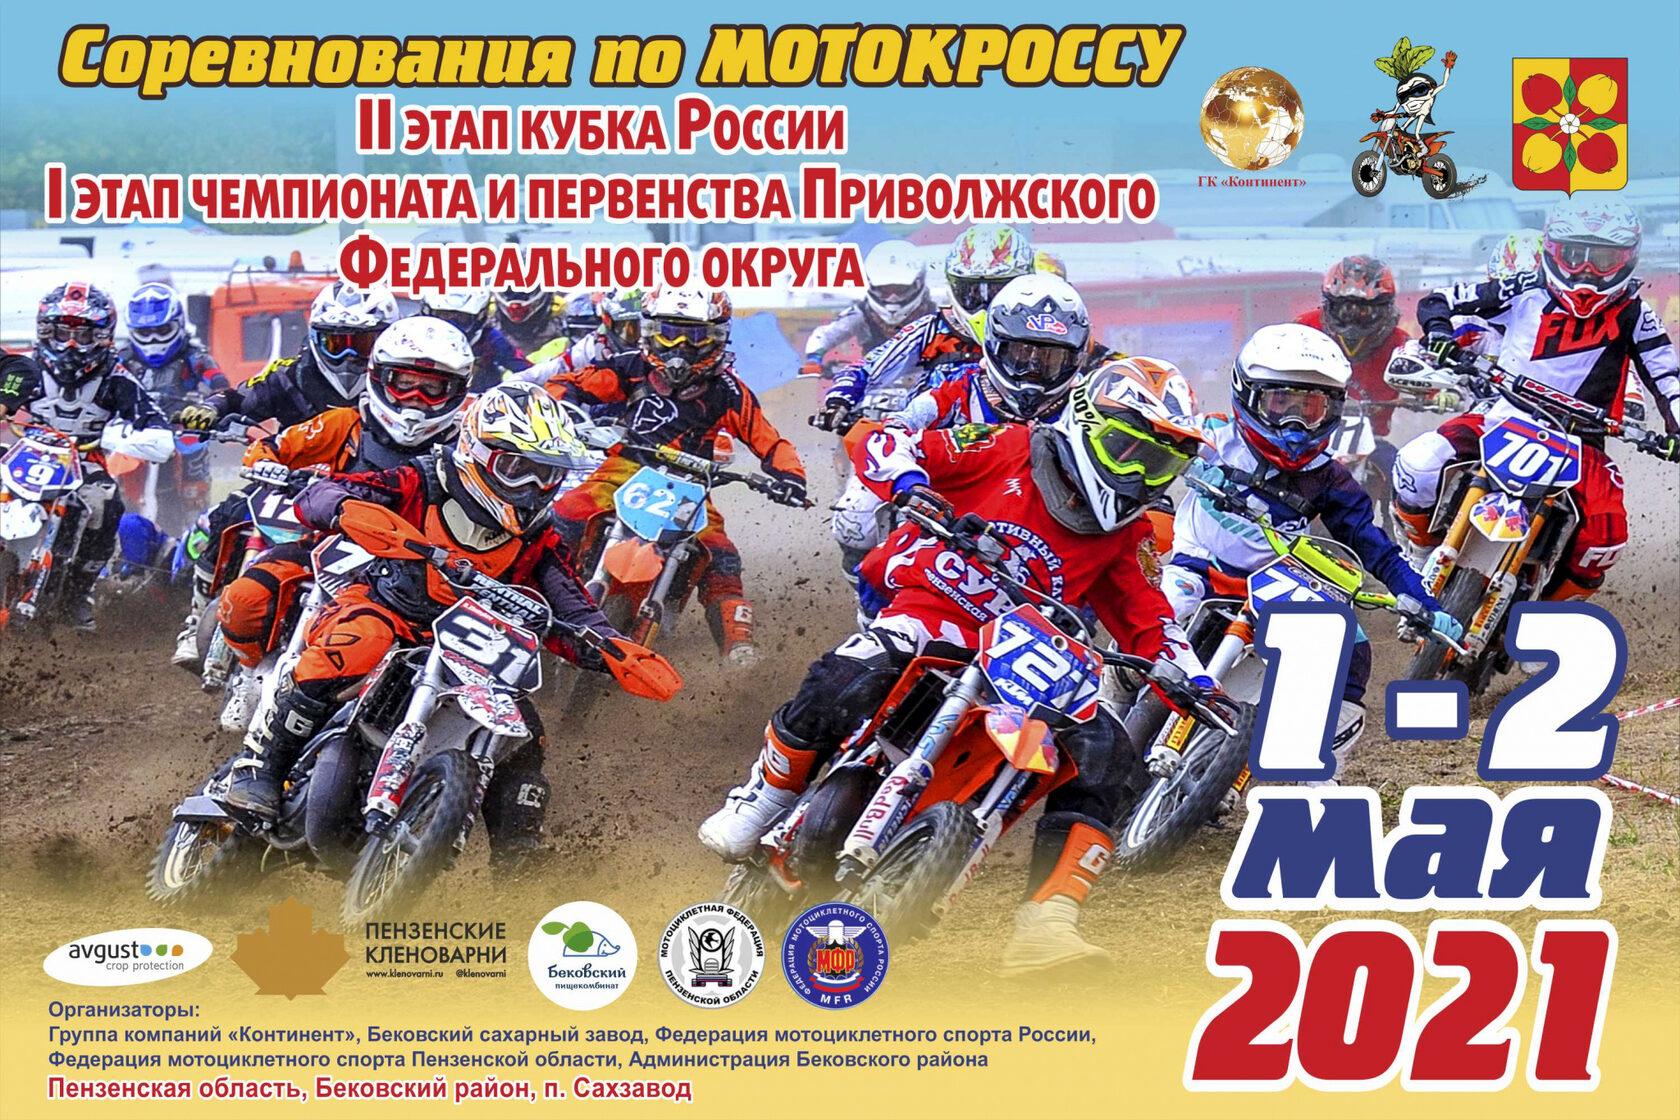 Кубок России по мотокроссу 2021: Второй этап состоится в п.Сахзавод